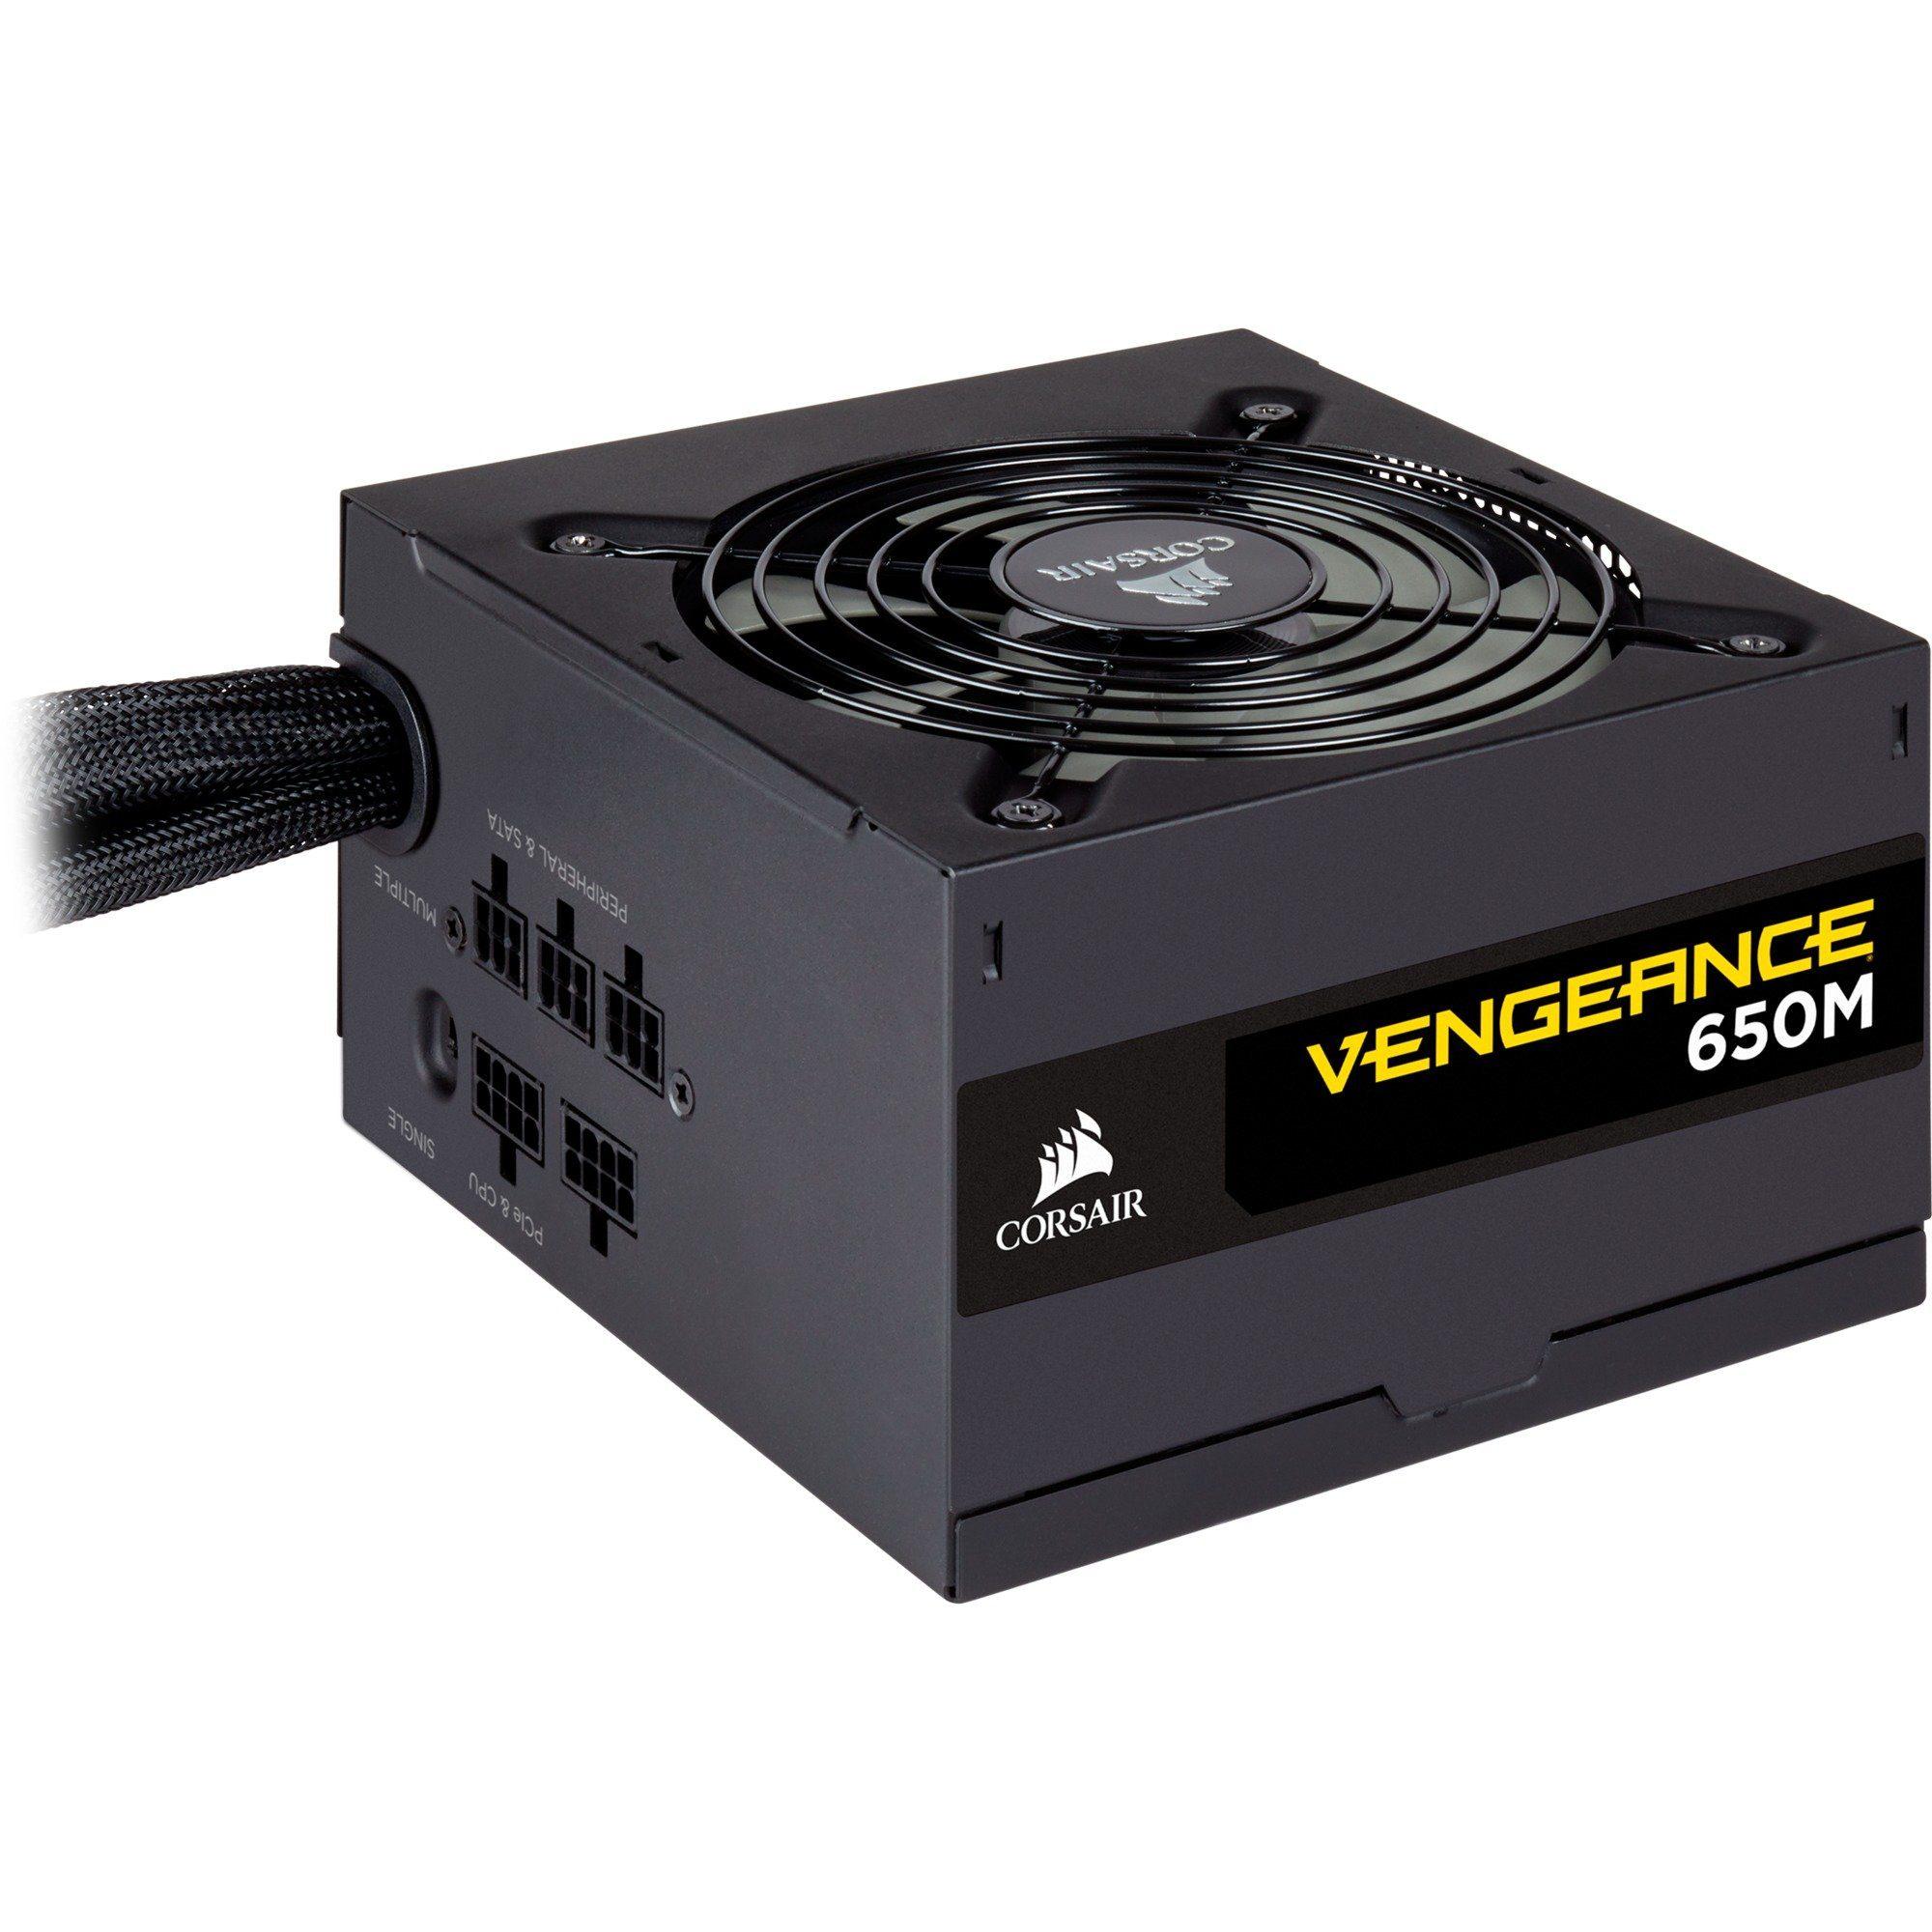 Corsair PC-Netzteil »VENGEANCE 650M, 4x PCIe, Kabel-Management«